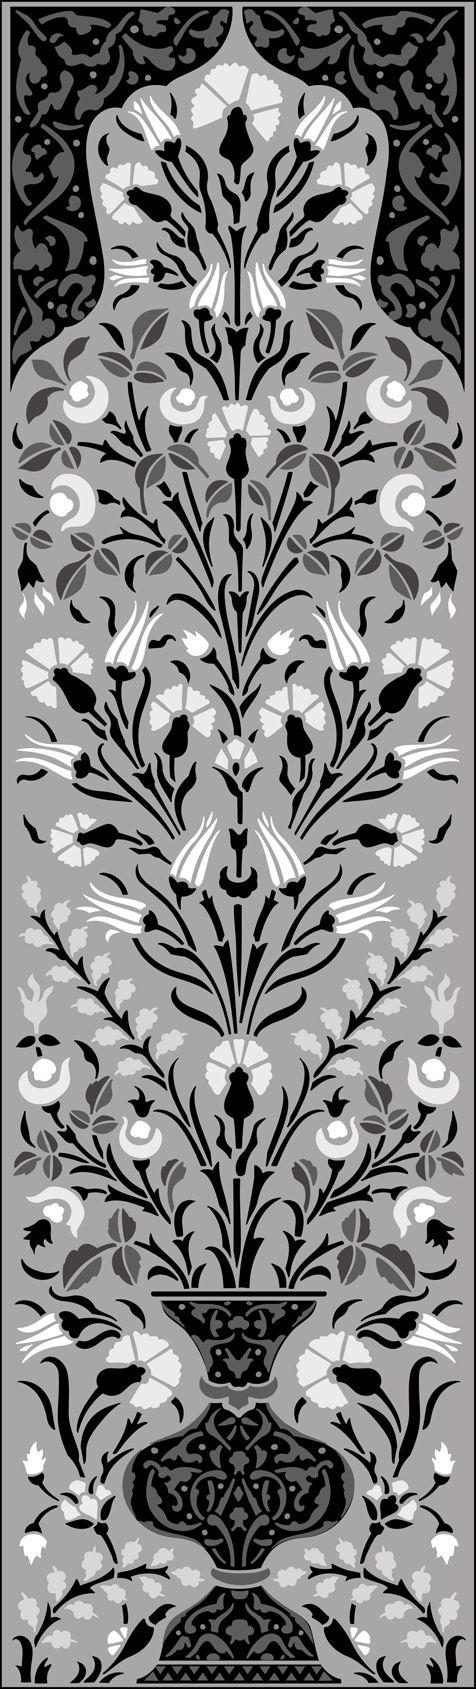 OTT49 - Panel No 3 stencil design.   stencil-library.com